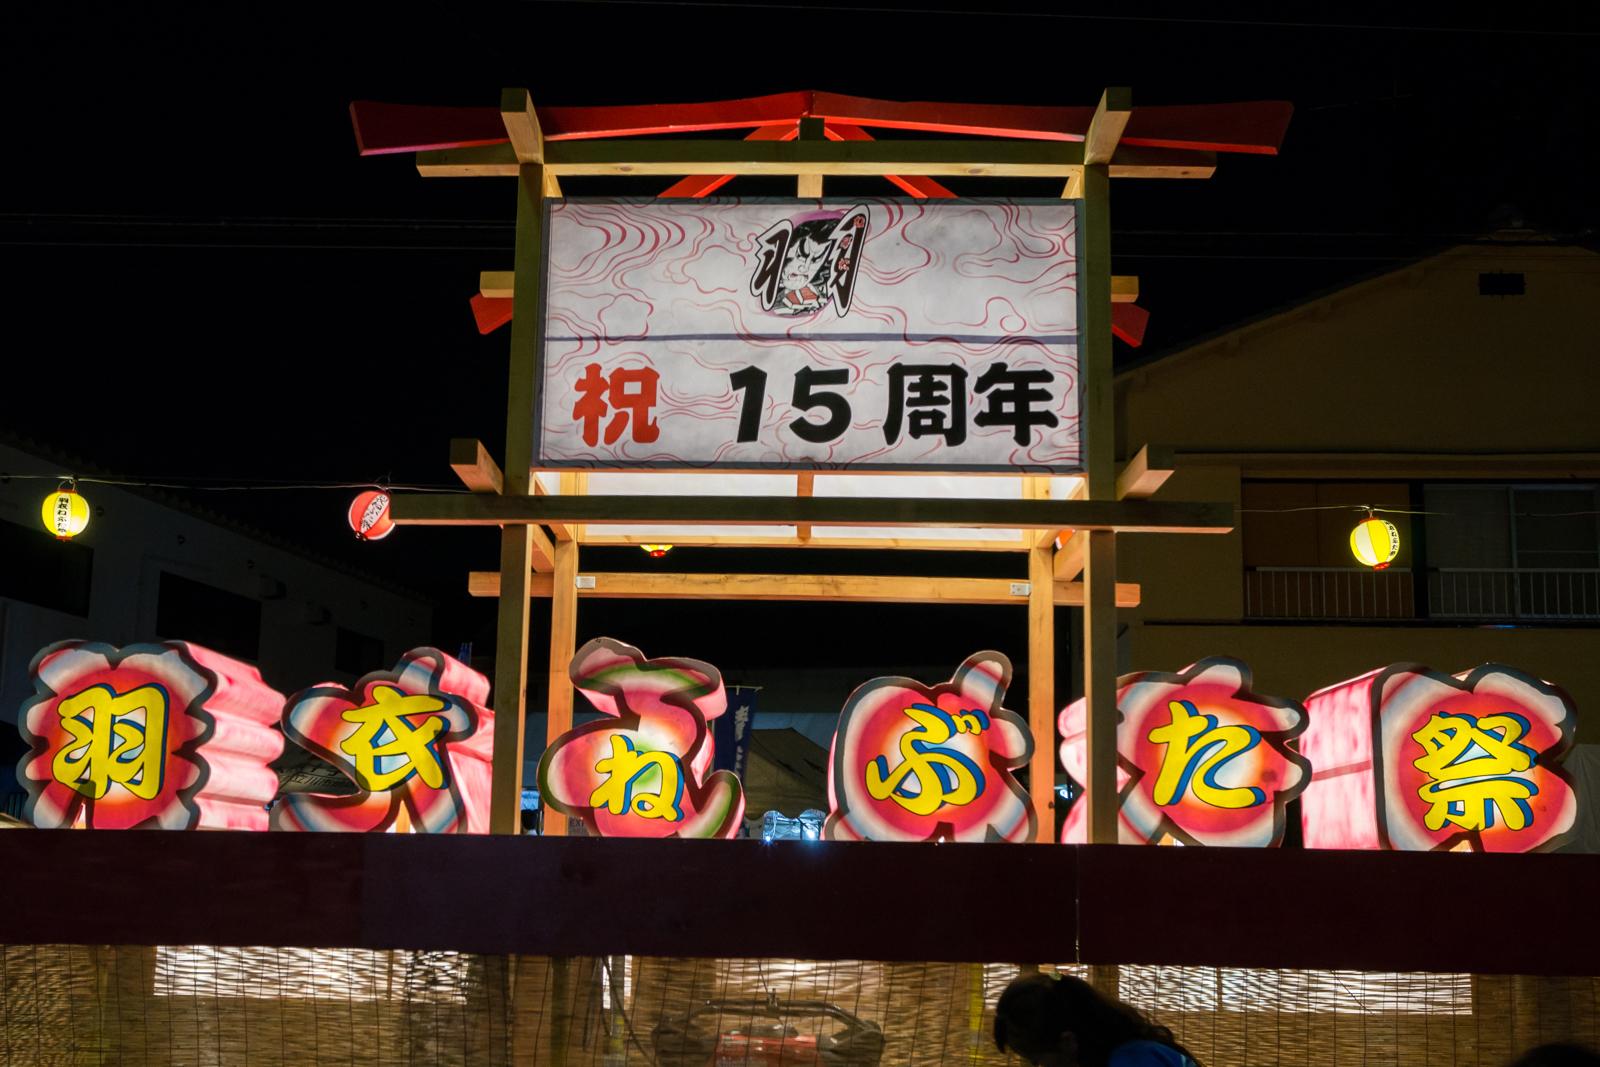 祝 十五周年 羽衣ねぶた祭 と文字が飾られた山車の写真